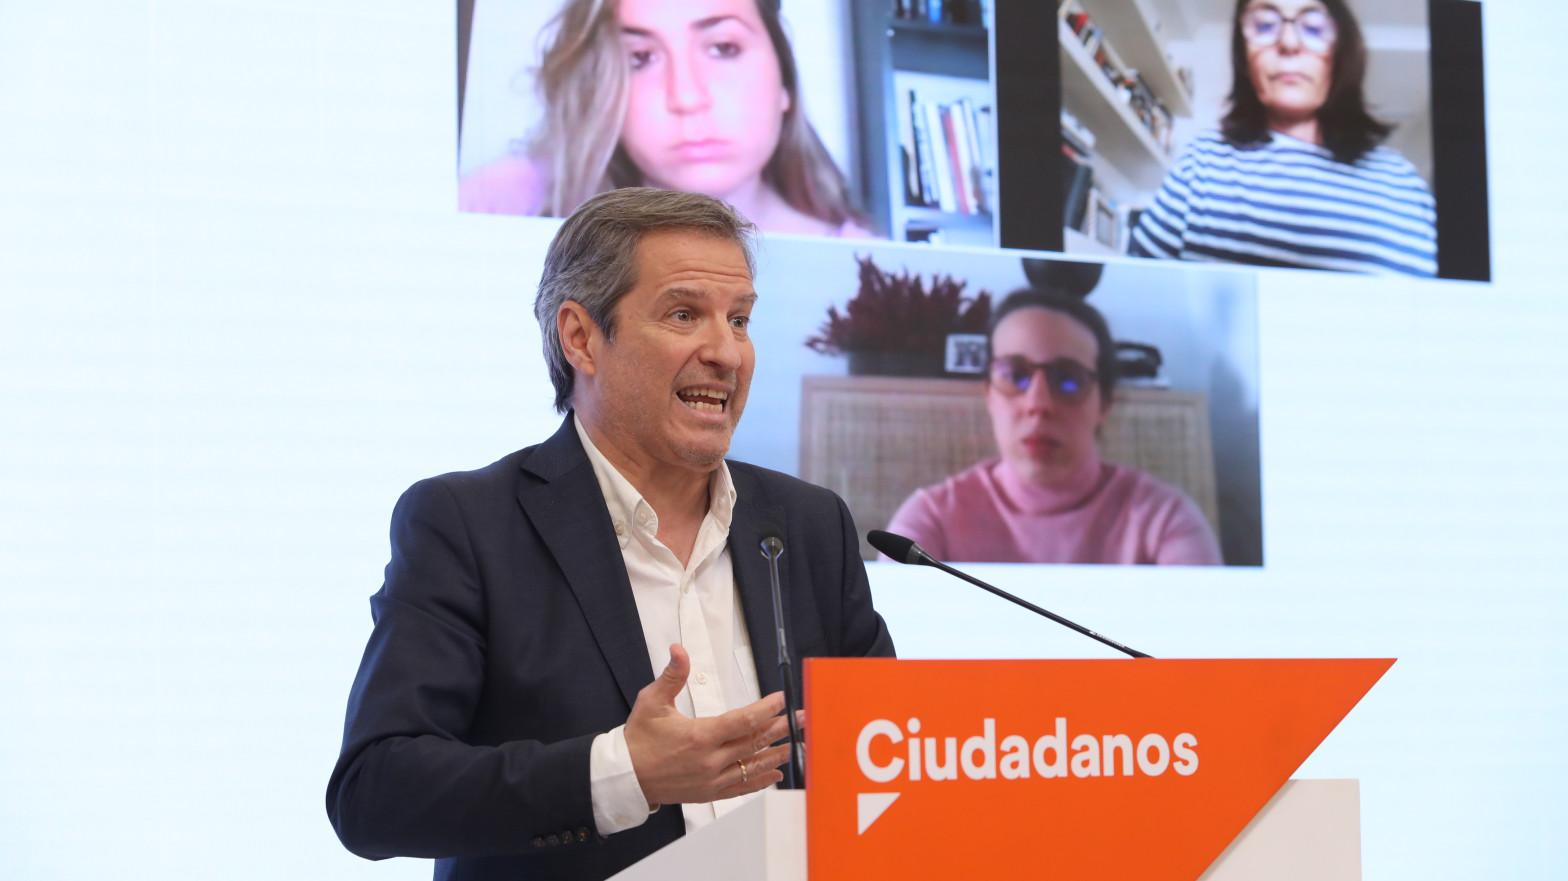 Ciudadanos activa la expulsión de Toni Cantó tras ser fichado por Ayuso